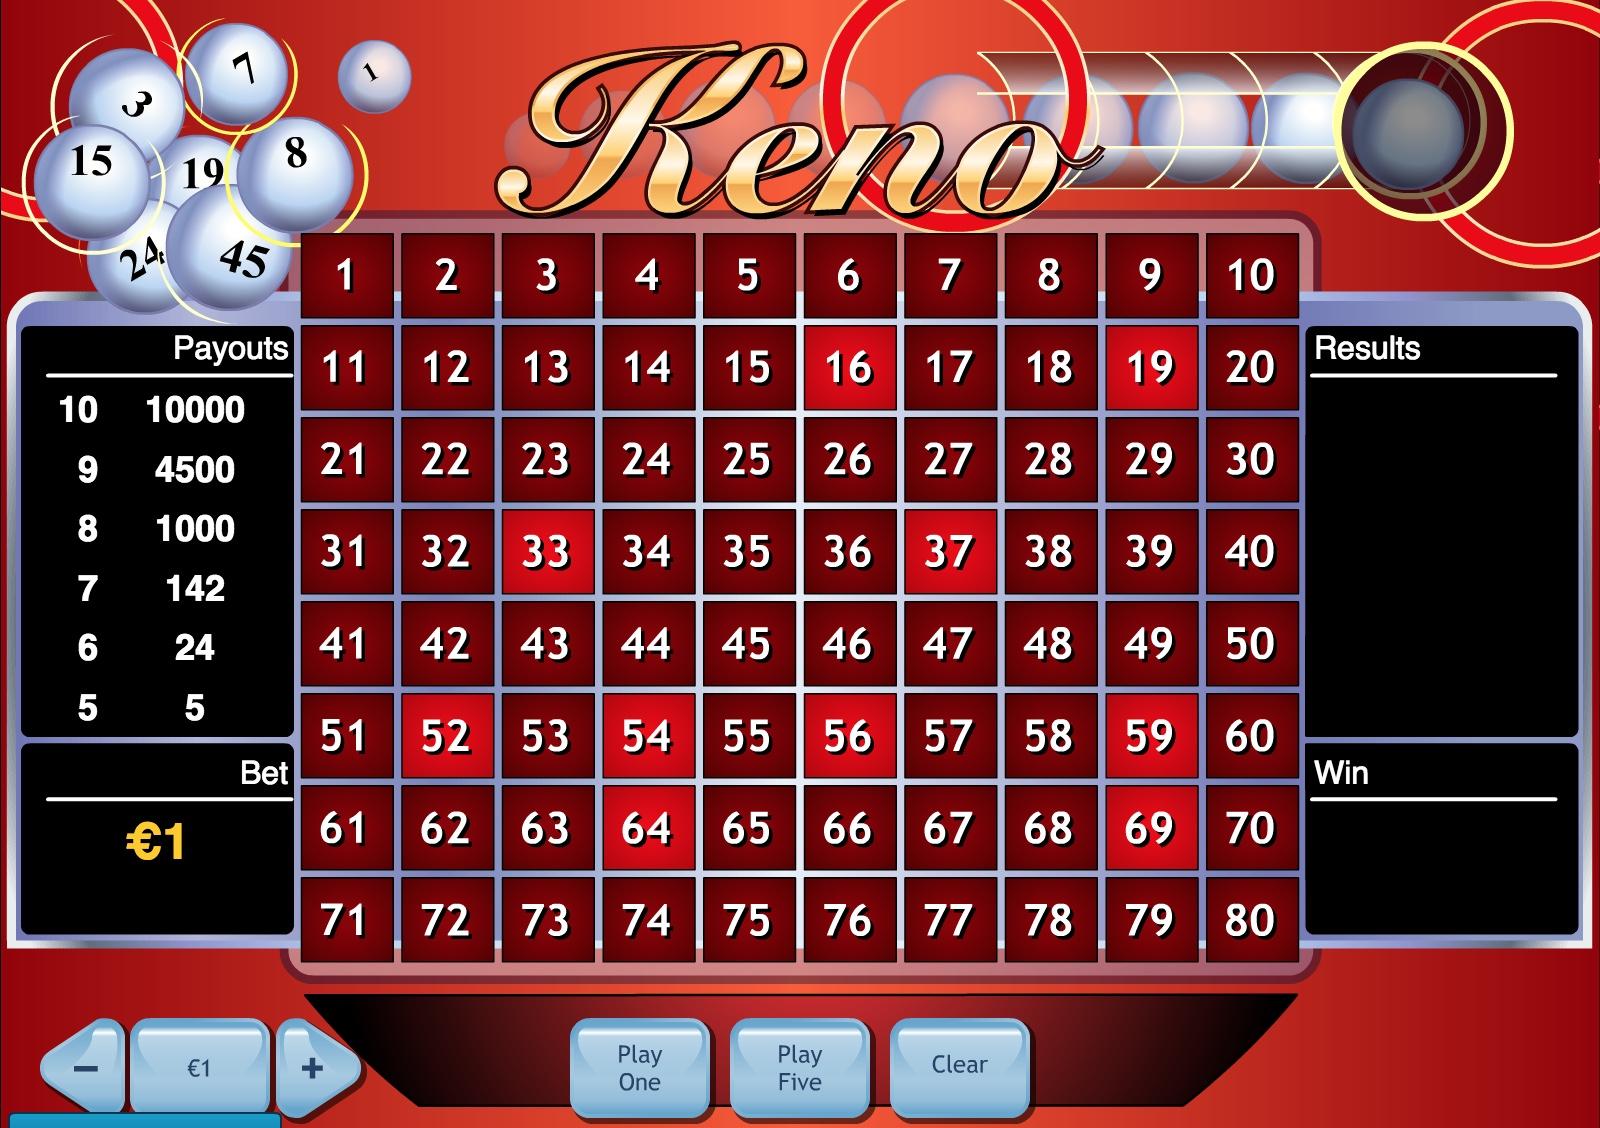 Kā spēlēt Keno - Tiešsaistes kazino spēles noteikumi